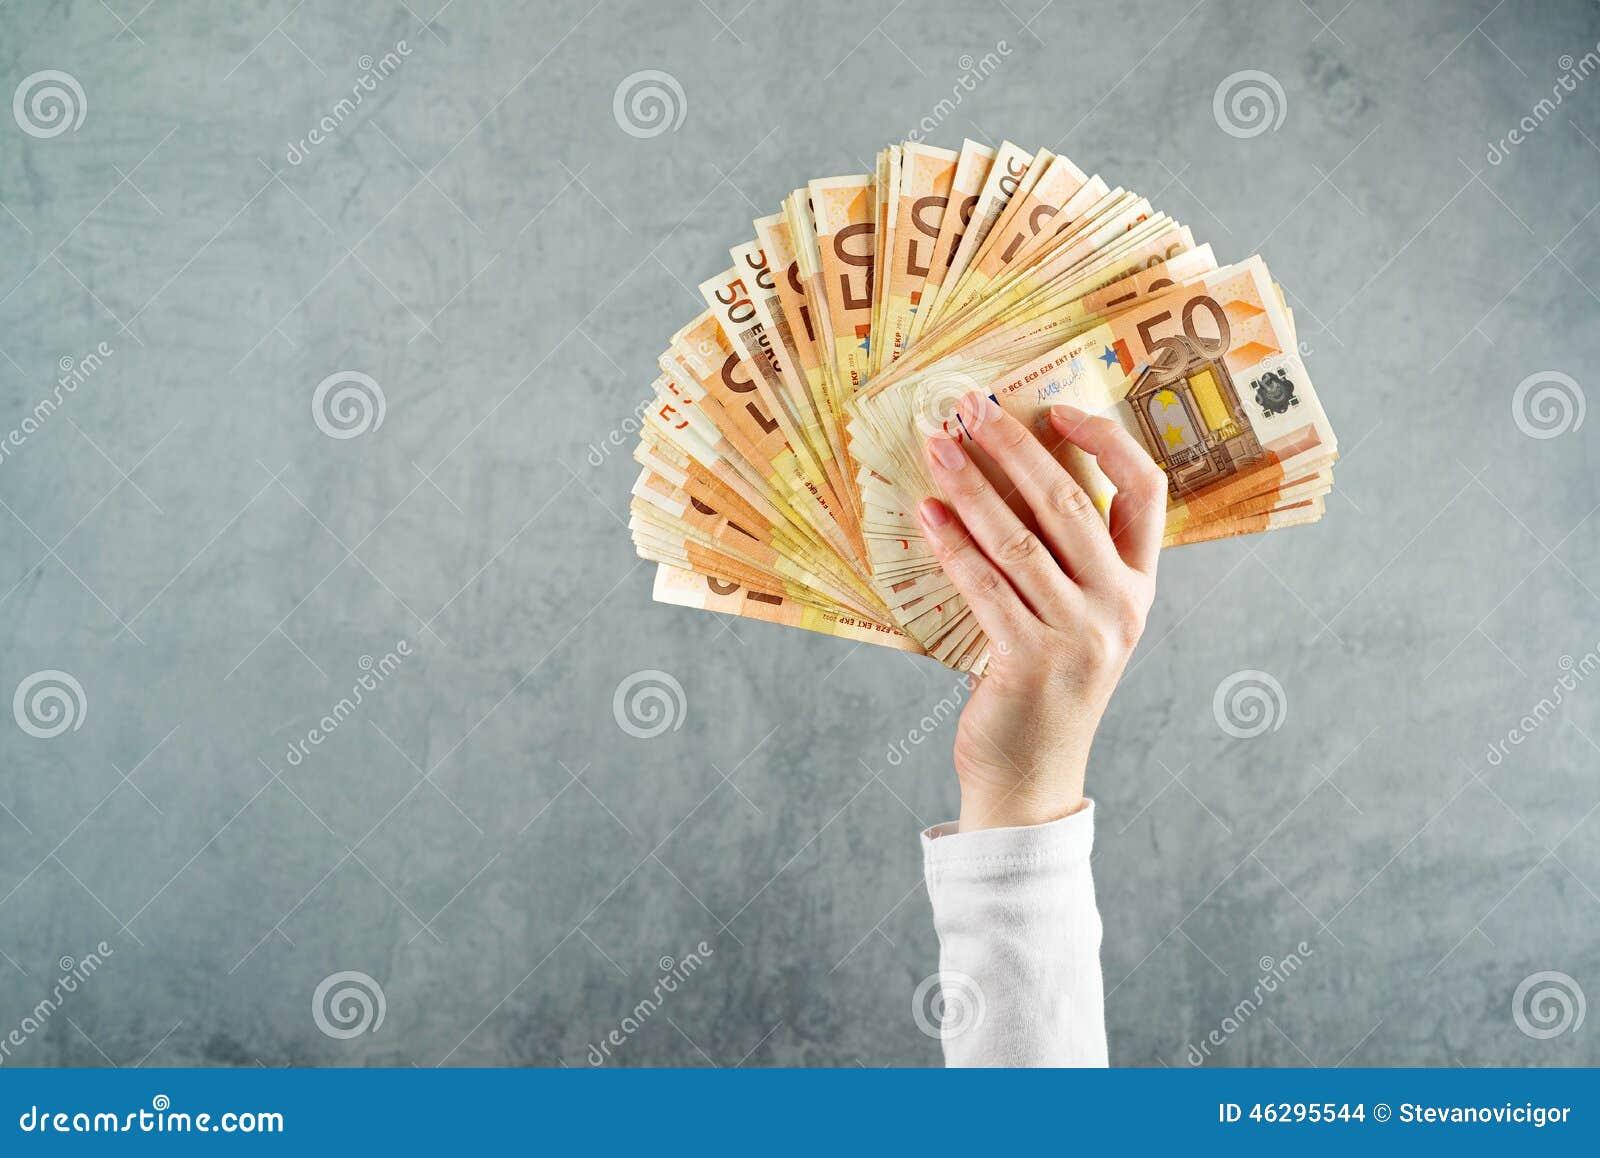 how to make fae fifety dolar notes australia